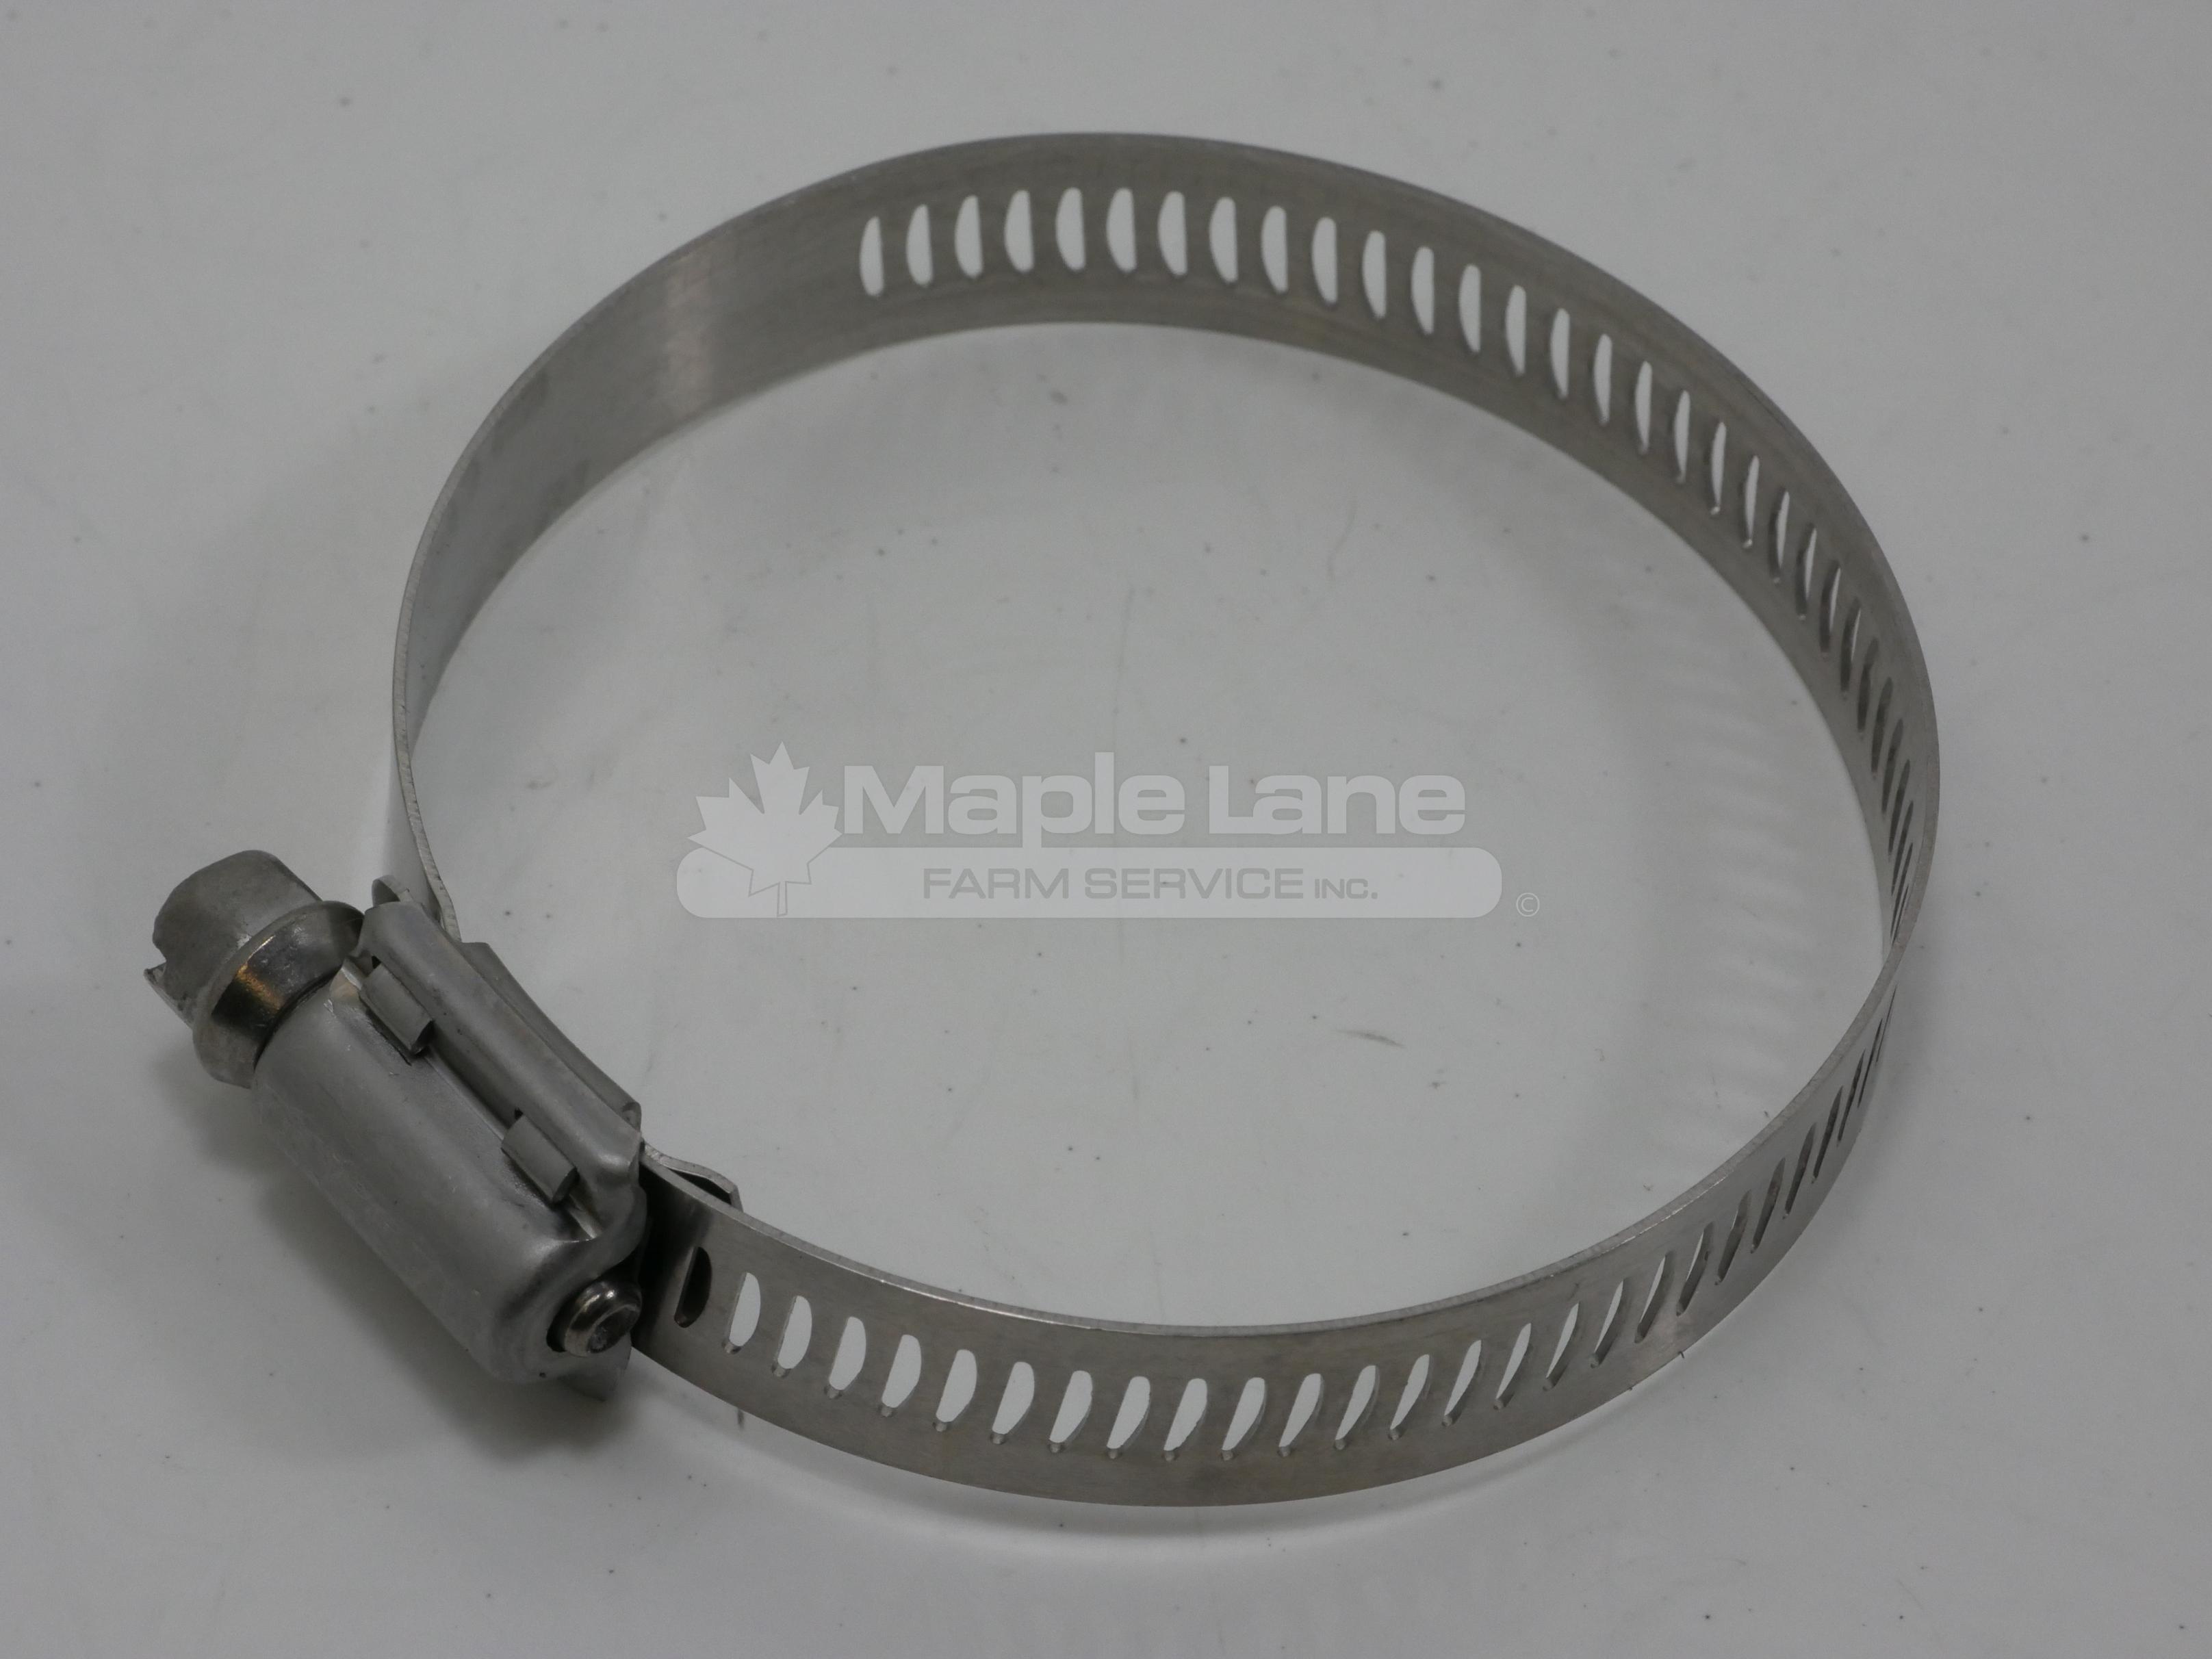 AG561233 Hose Clamp